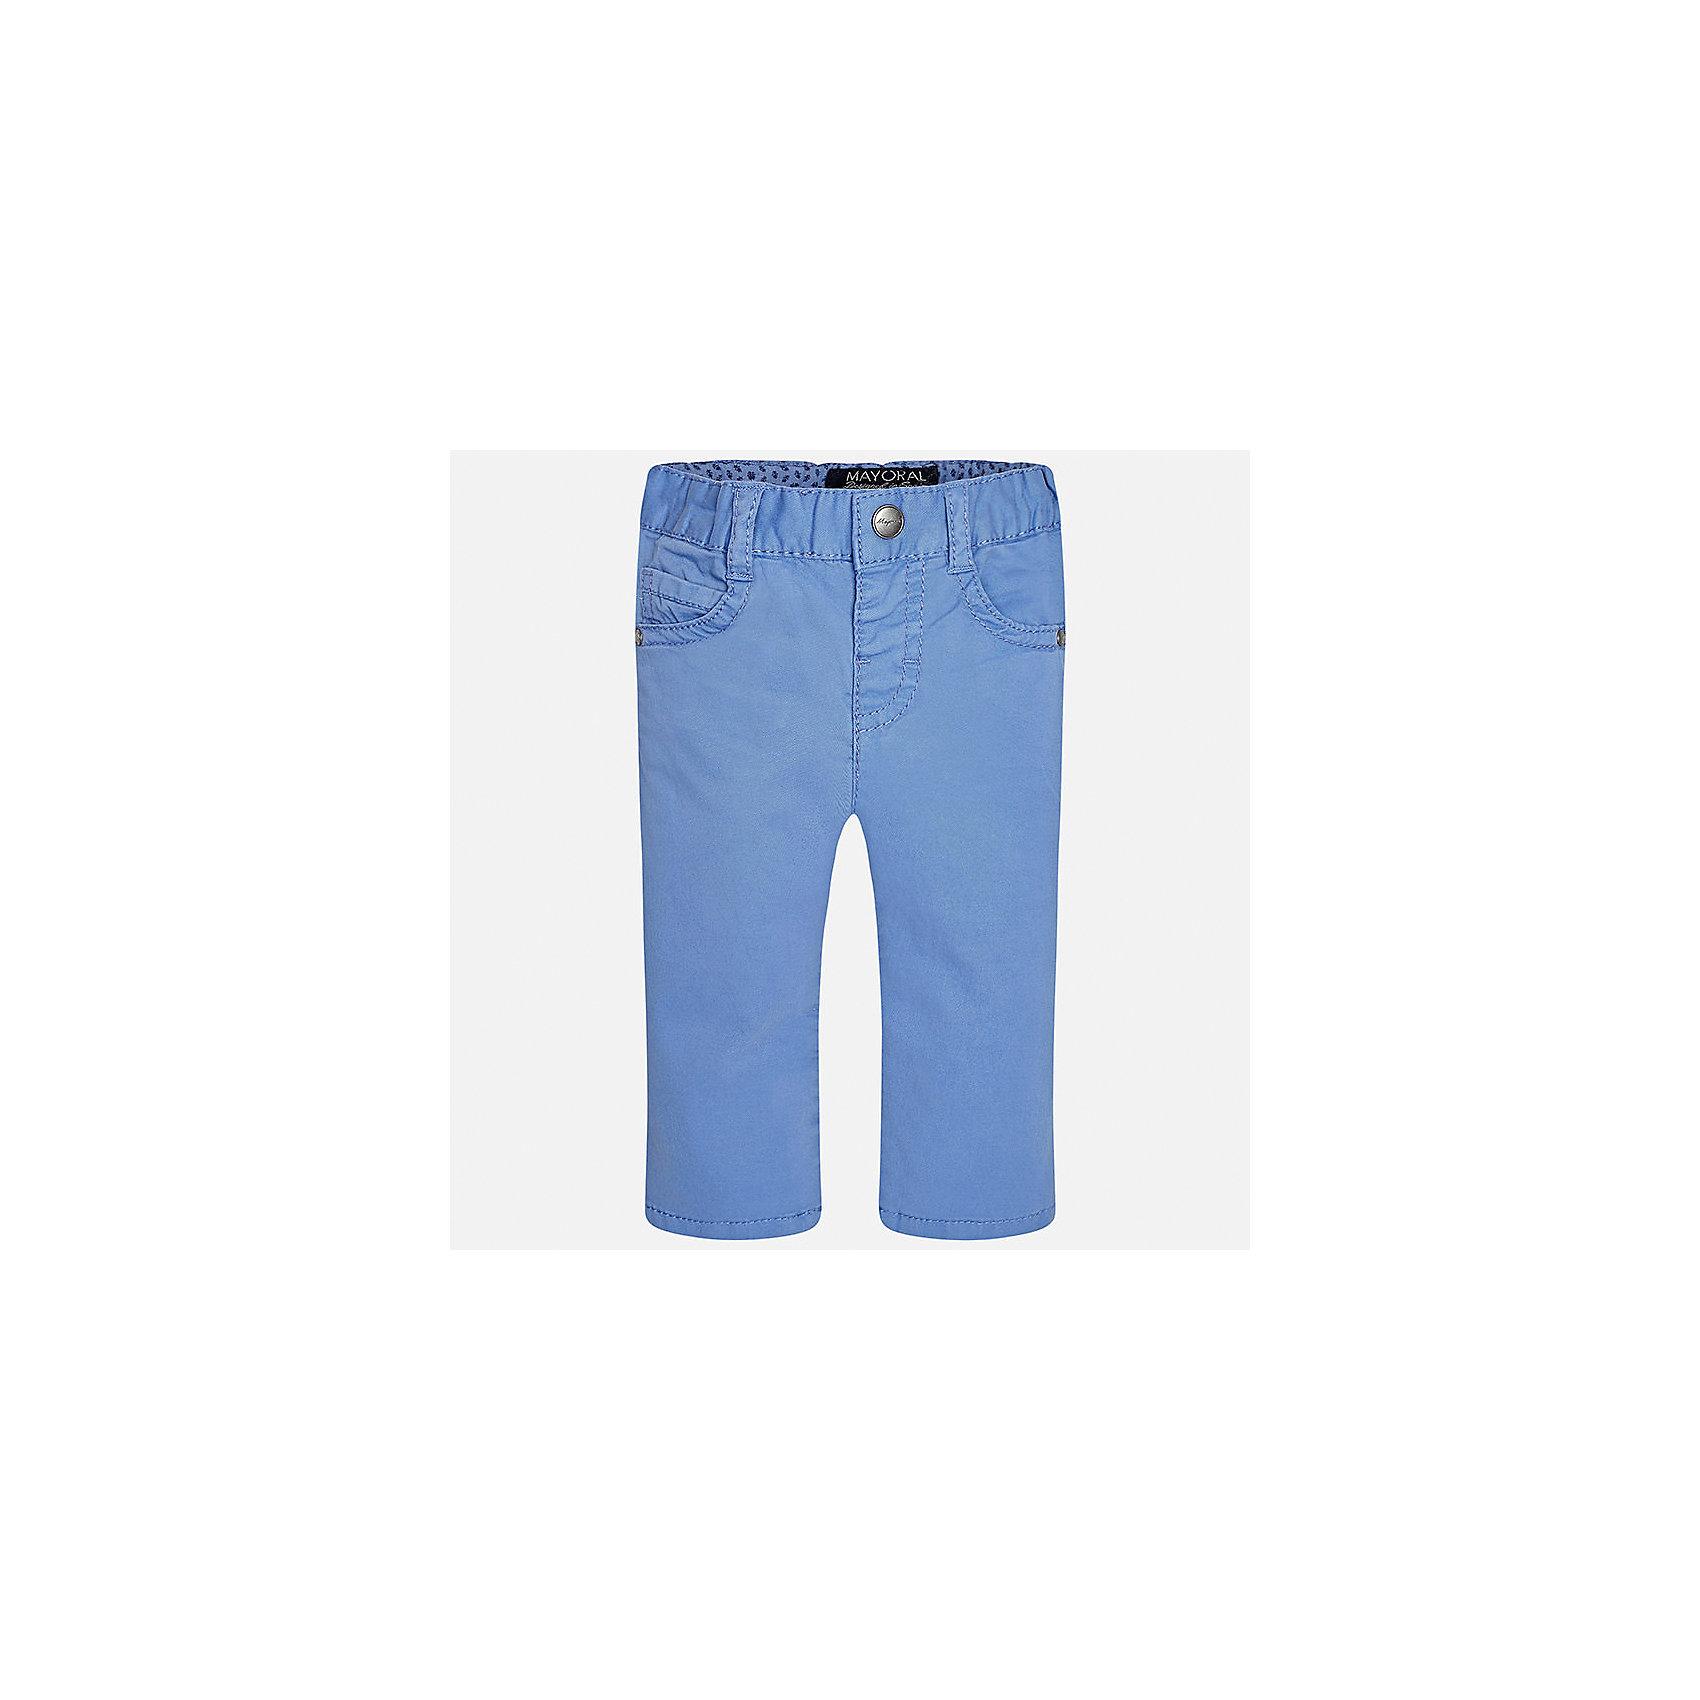 Брюки для мальчика MayoralХарактеристики товара:<br><br>• цвет: голубой<br>• состав: 98% хлопок, 2% эластан<br>• контрастная прострочка<br>• шлевки<br>• карманы<br>• пояс с регулировкой размера<br>• классический силуэт<br>• страна бренда: Испания<br><br>Модные брюки для мальчика смогут стать базовой вещью в гардеробе ребенка. Они отлично сочетаются с майками, футболками, рубашками и т.д. Практичное и стильное изделие! В составе материала - натуральный хлопок, гипоаллергенный, приятный на ощупь, дышащий.<br><br>Брюки для мальчика от испанского бренда Mayoral (Майорал) можно купить в нашем интернет-магазине.<br><br>Ширина мм: 215<br>Глубина мм: 88<br>Высота мм: 191<br>Вес г: 336<br>Цвет: белый<br>Возраст от месяцев: 12<br>Возраст до месяцев: 15<br>Пол: Мужской<br>Возраст: Детский<br>Размер: 80,86,92<br>SKU: 5278021